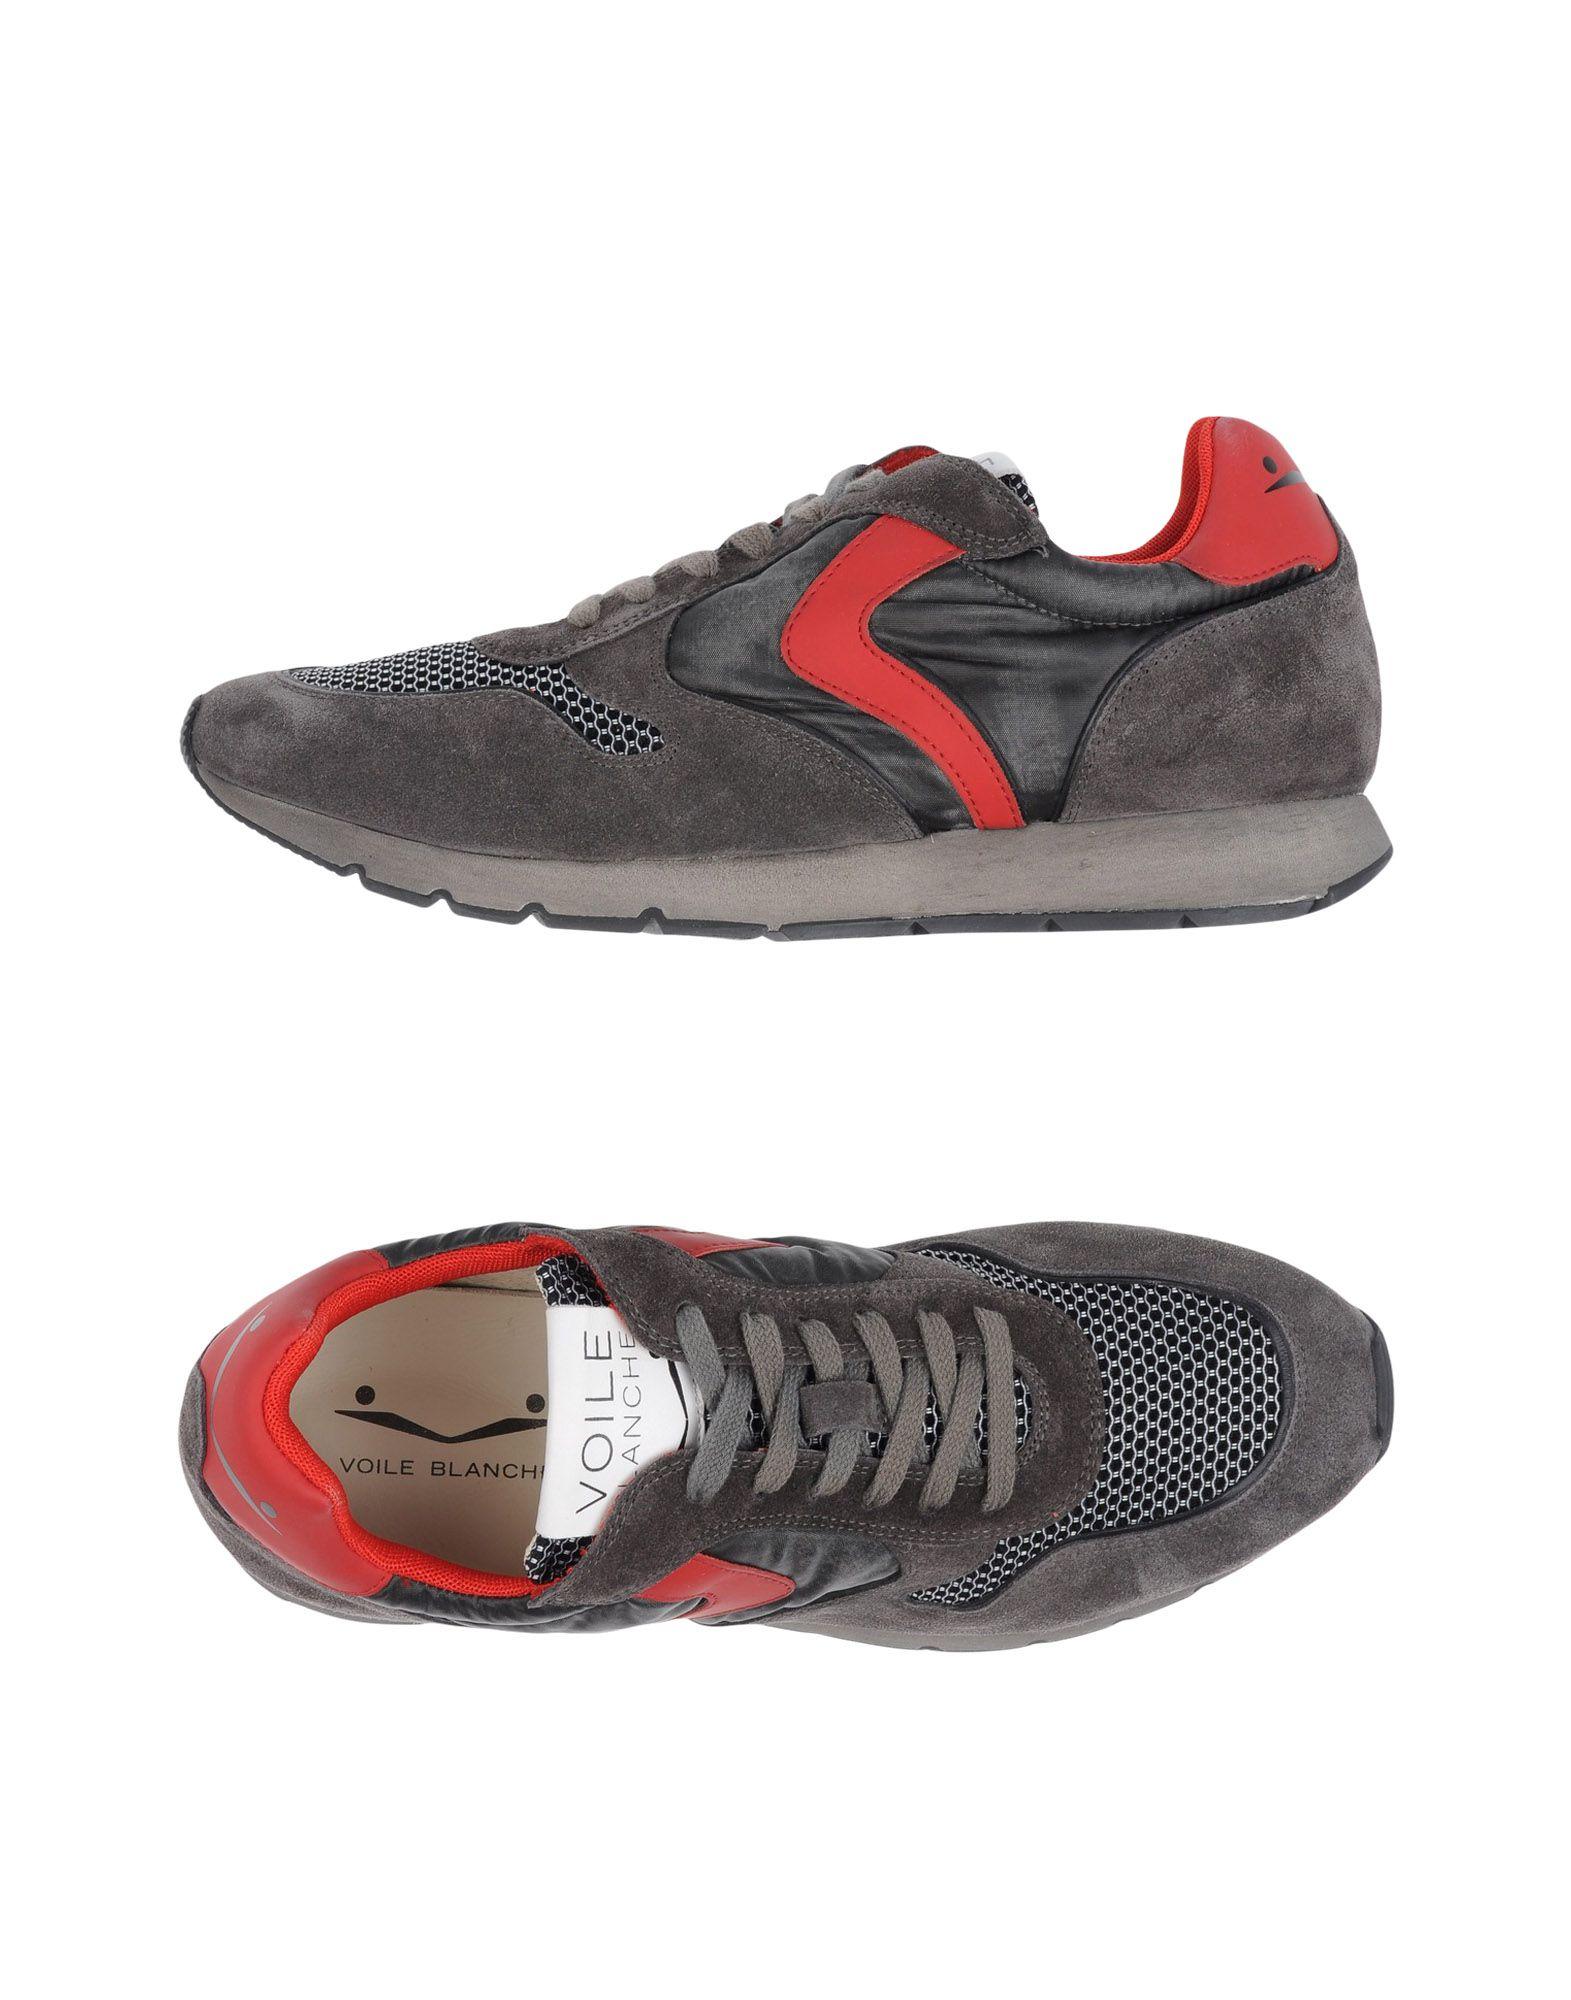 Voile Blanche Sneakers Herren  11250057JK Gute Qualität beliebte Schuhe